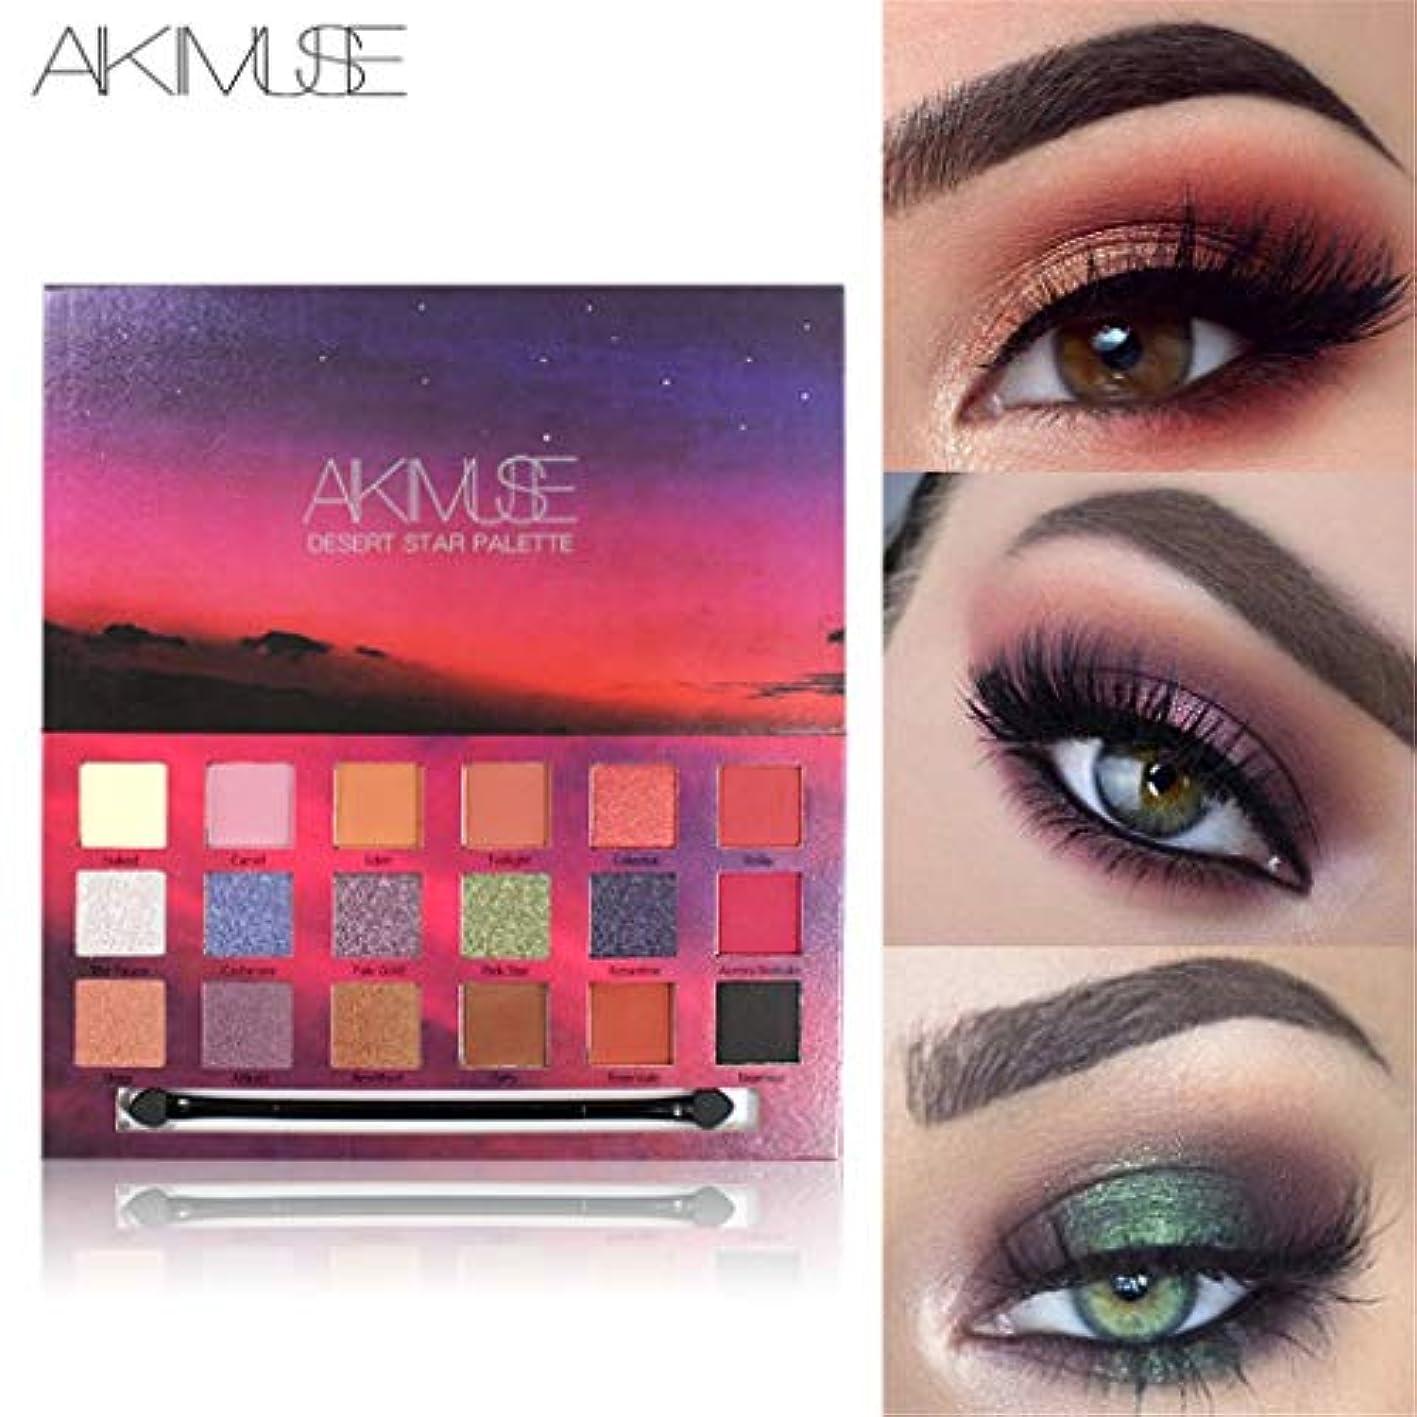 迅速考古学評価可能Akane アイシャドウパレット Aikimuse 超綺麗 魅力的 砂漠の星 ファッション 真珠光沢 気質的 防水 チャーム 人気 長持ち おしゃれ 持ち便利 Eye Shadow (18色) KS303